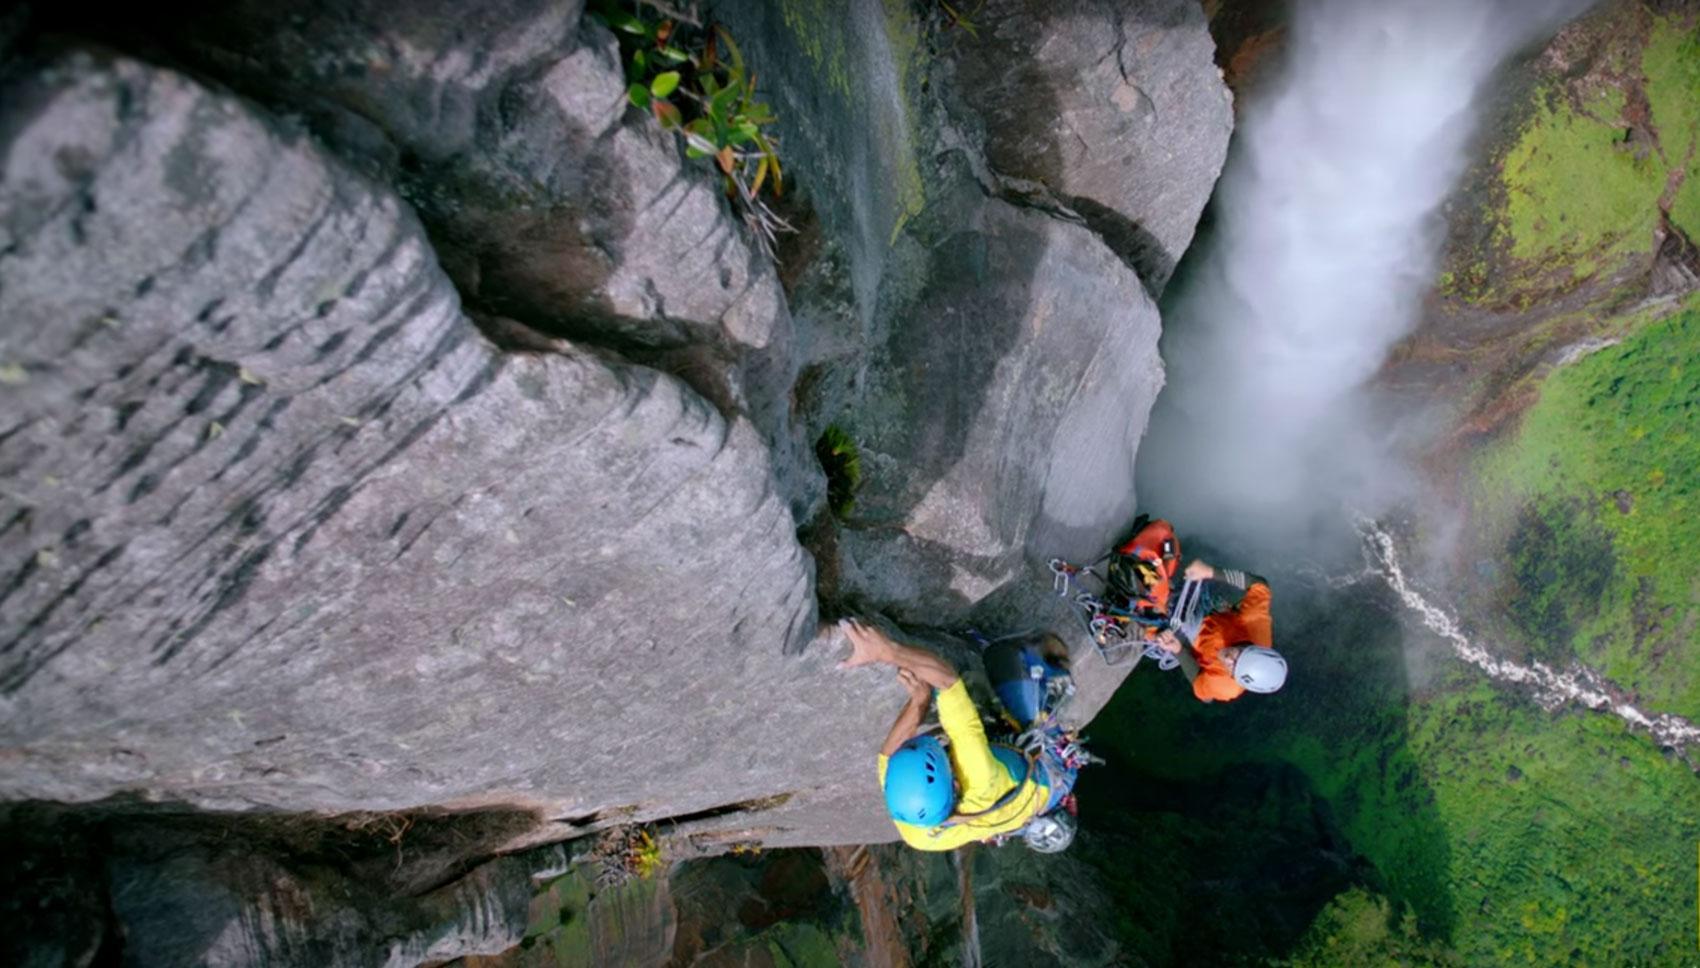 Klettergurt Aus Seil Binden : Seile zubehör bergsteigen klettern weitere sportarten sport